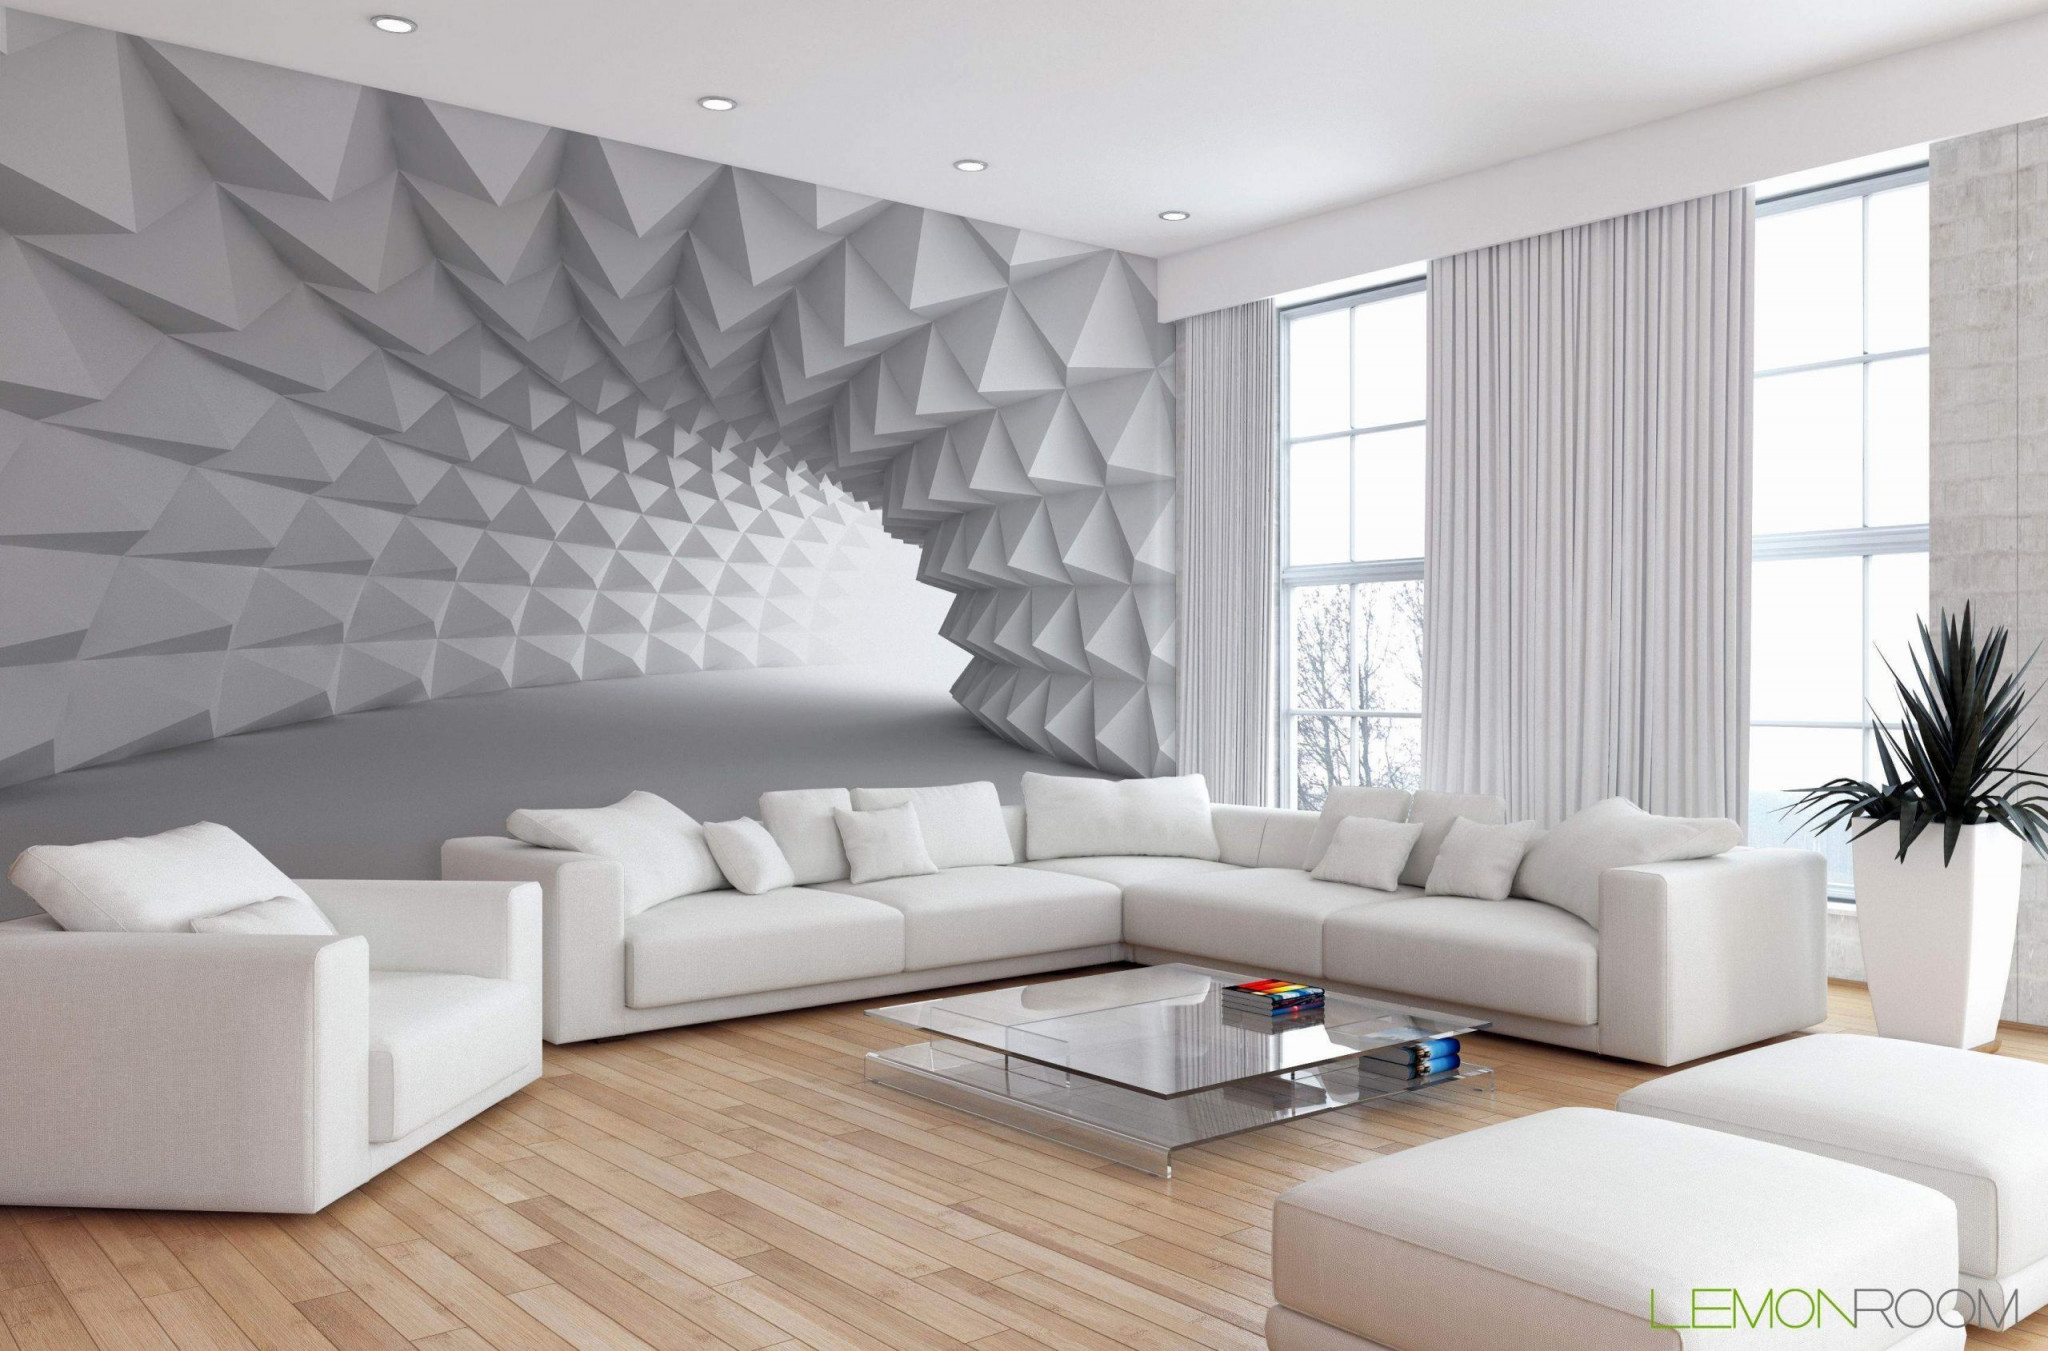 Außergewöhnliche Wohnzimmer Ideen Tapeten  23 In 2020 von Ideen Für Wohnzimmer Tapeten Photo